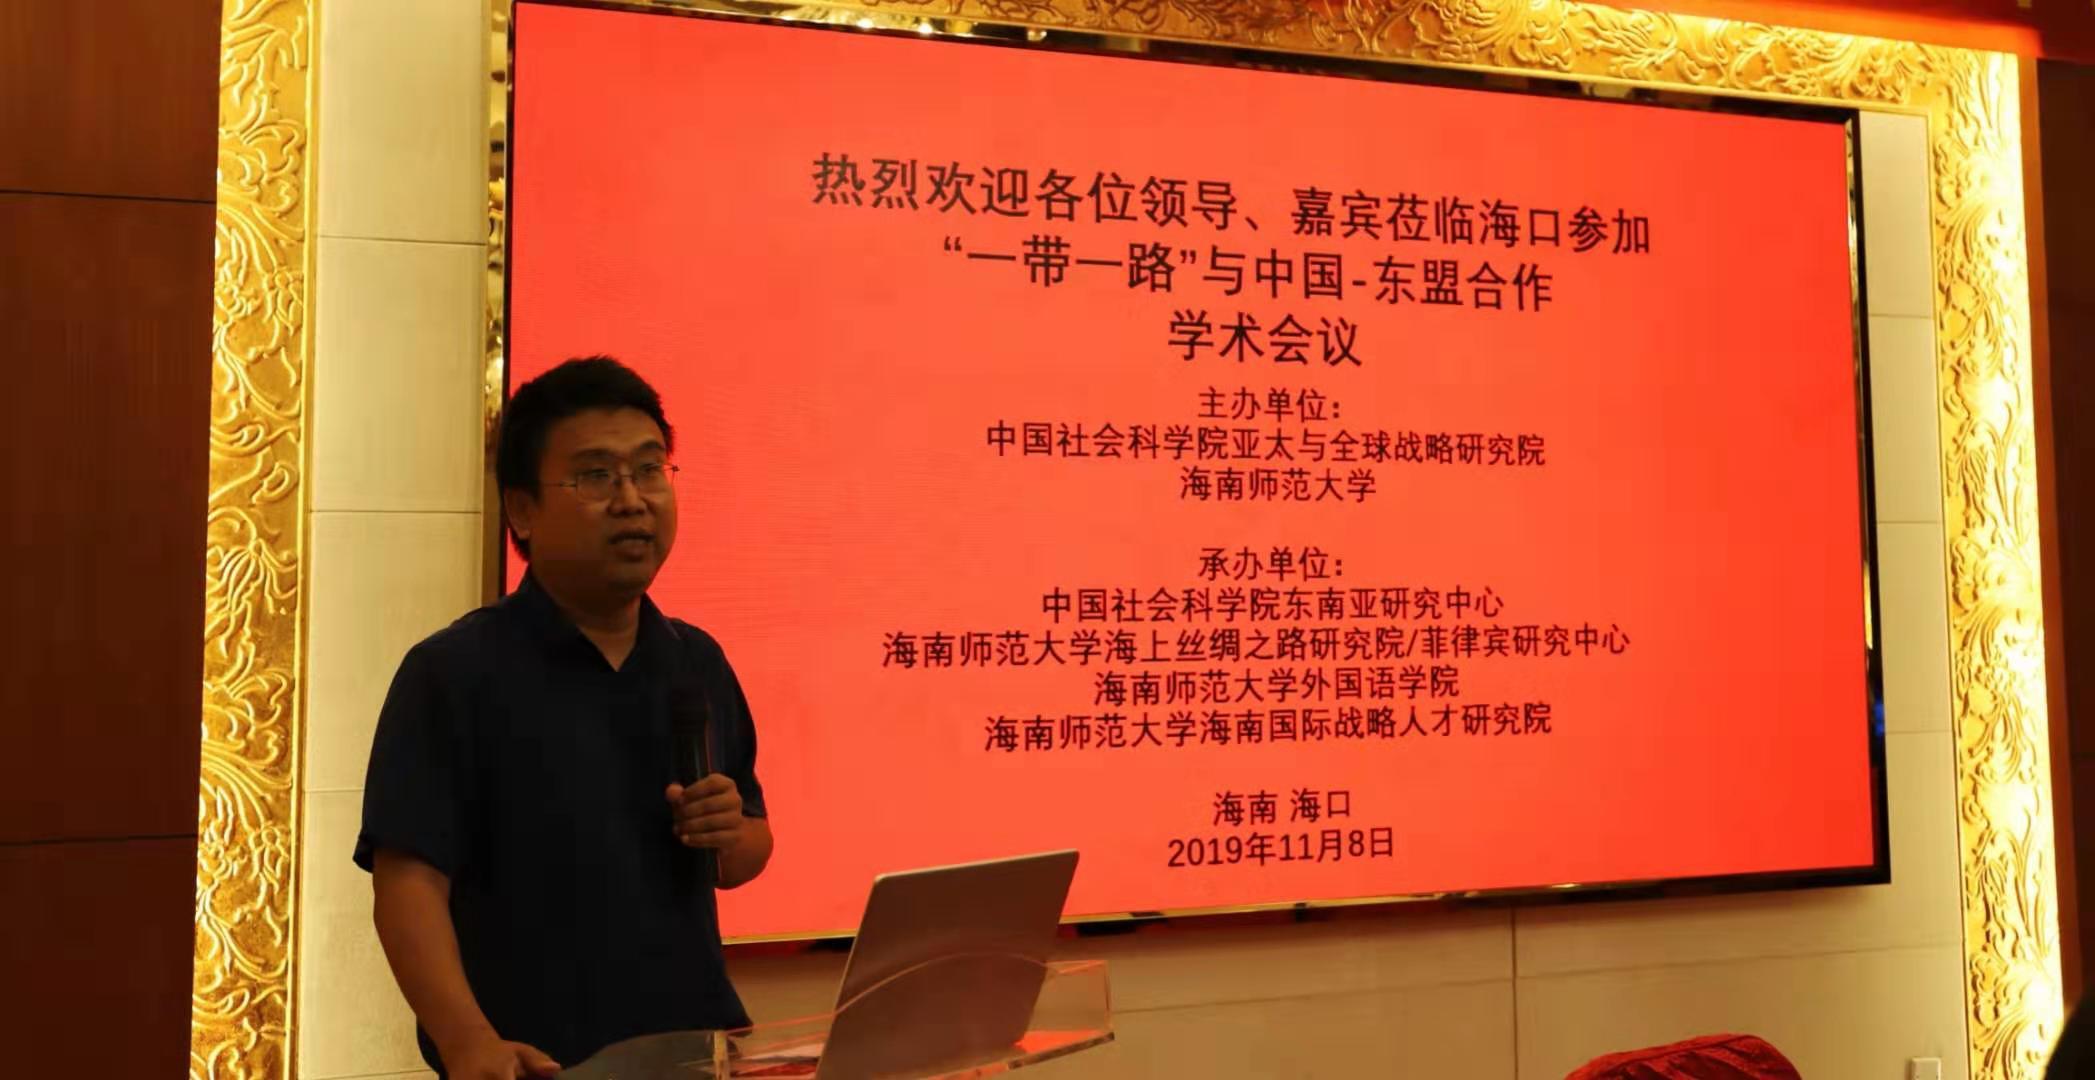 """国家社科基金项目""""中国-东盟东部增长区深化合作的动力机制与对策建议""""顺利开题"""